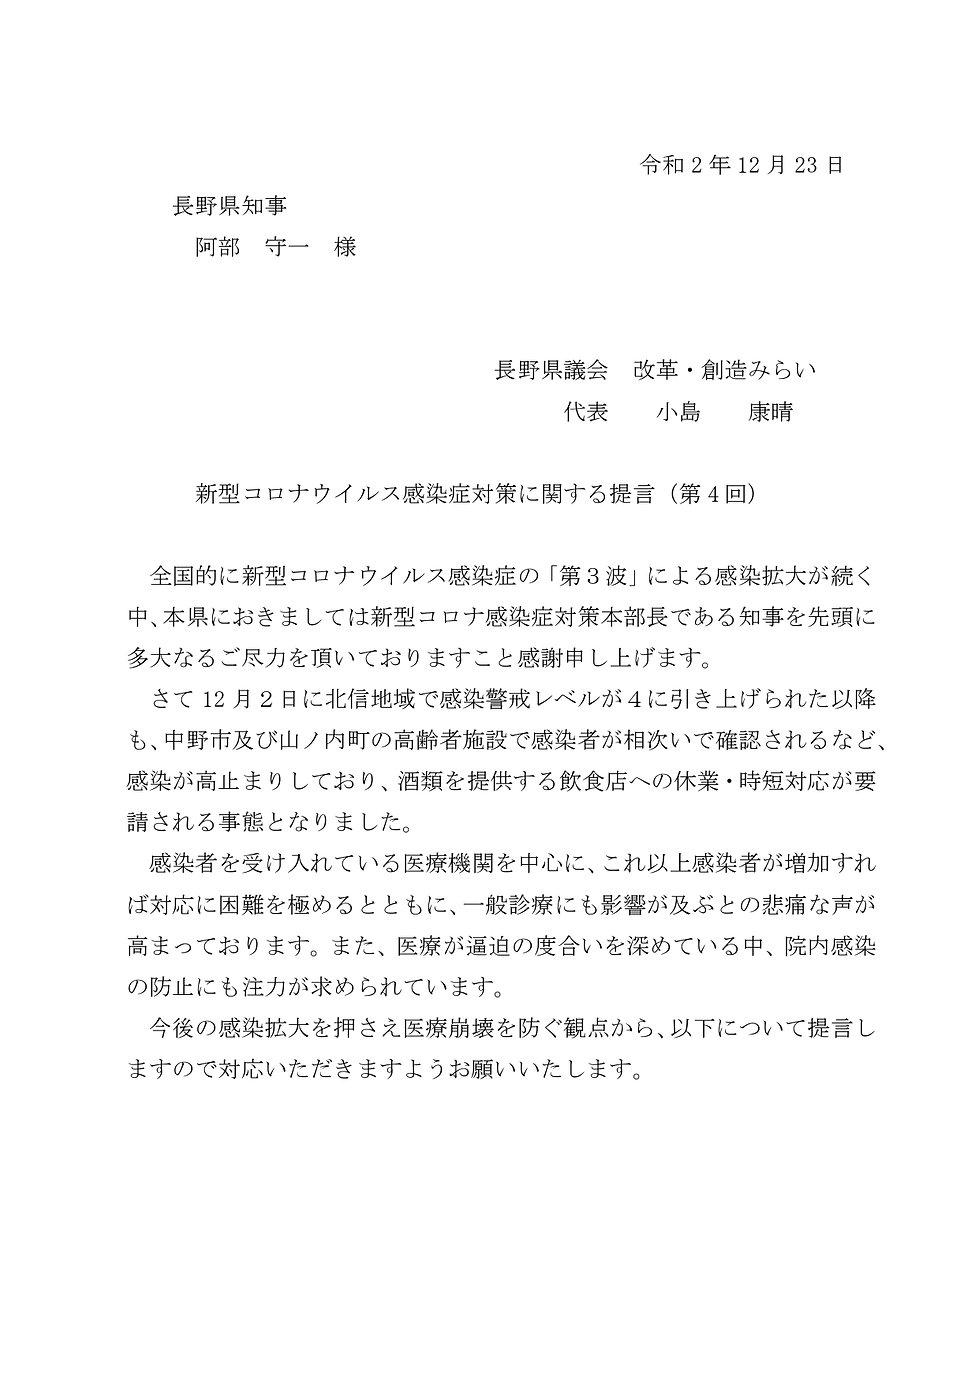 新型コロナ提言(第4回)   (表書き・知事あて)_page-0001.jpg